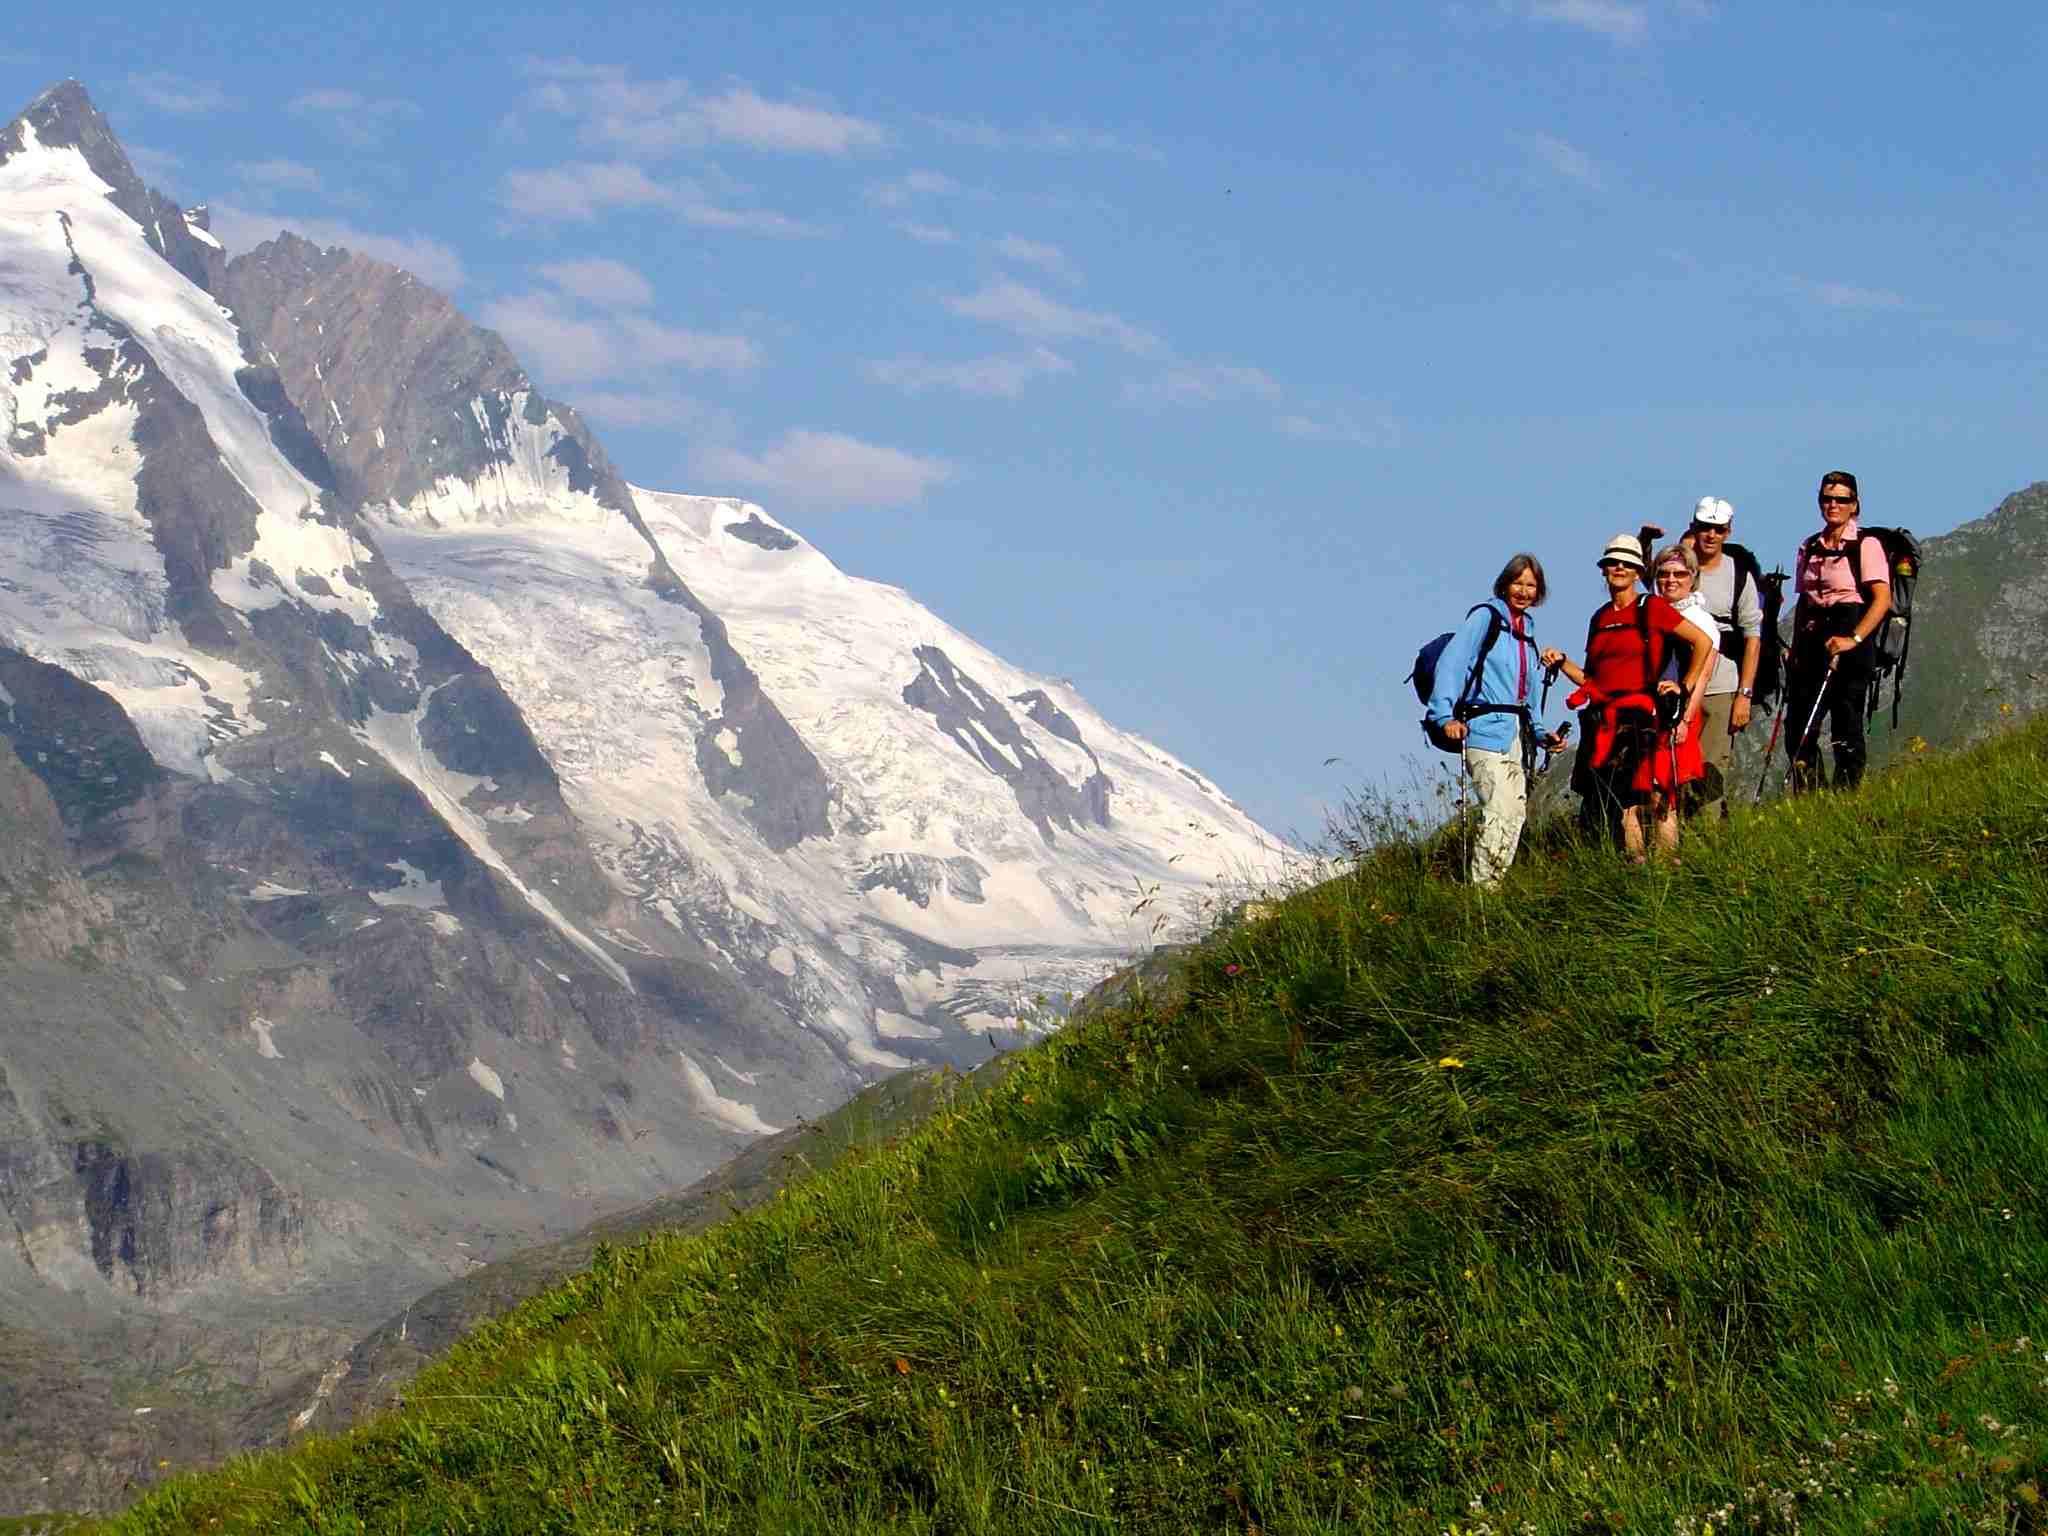 Foto: Manfred Karl / Wander Tour / Über Blumenwiesen auf die Racherin / Glocknerblick / 17.06.2007 06:40:42